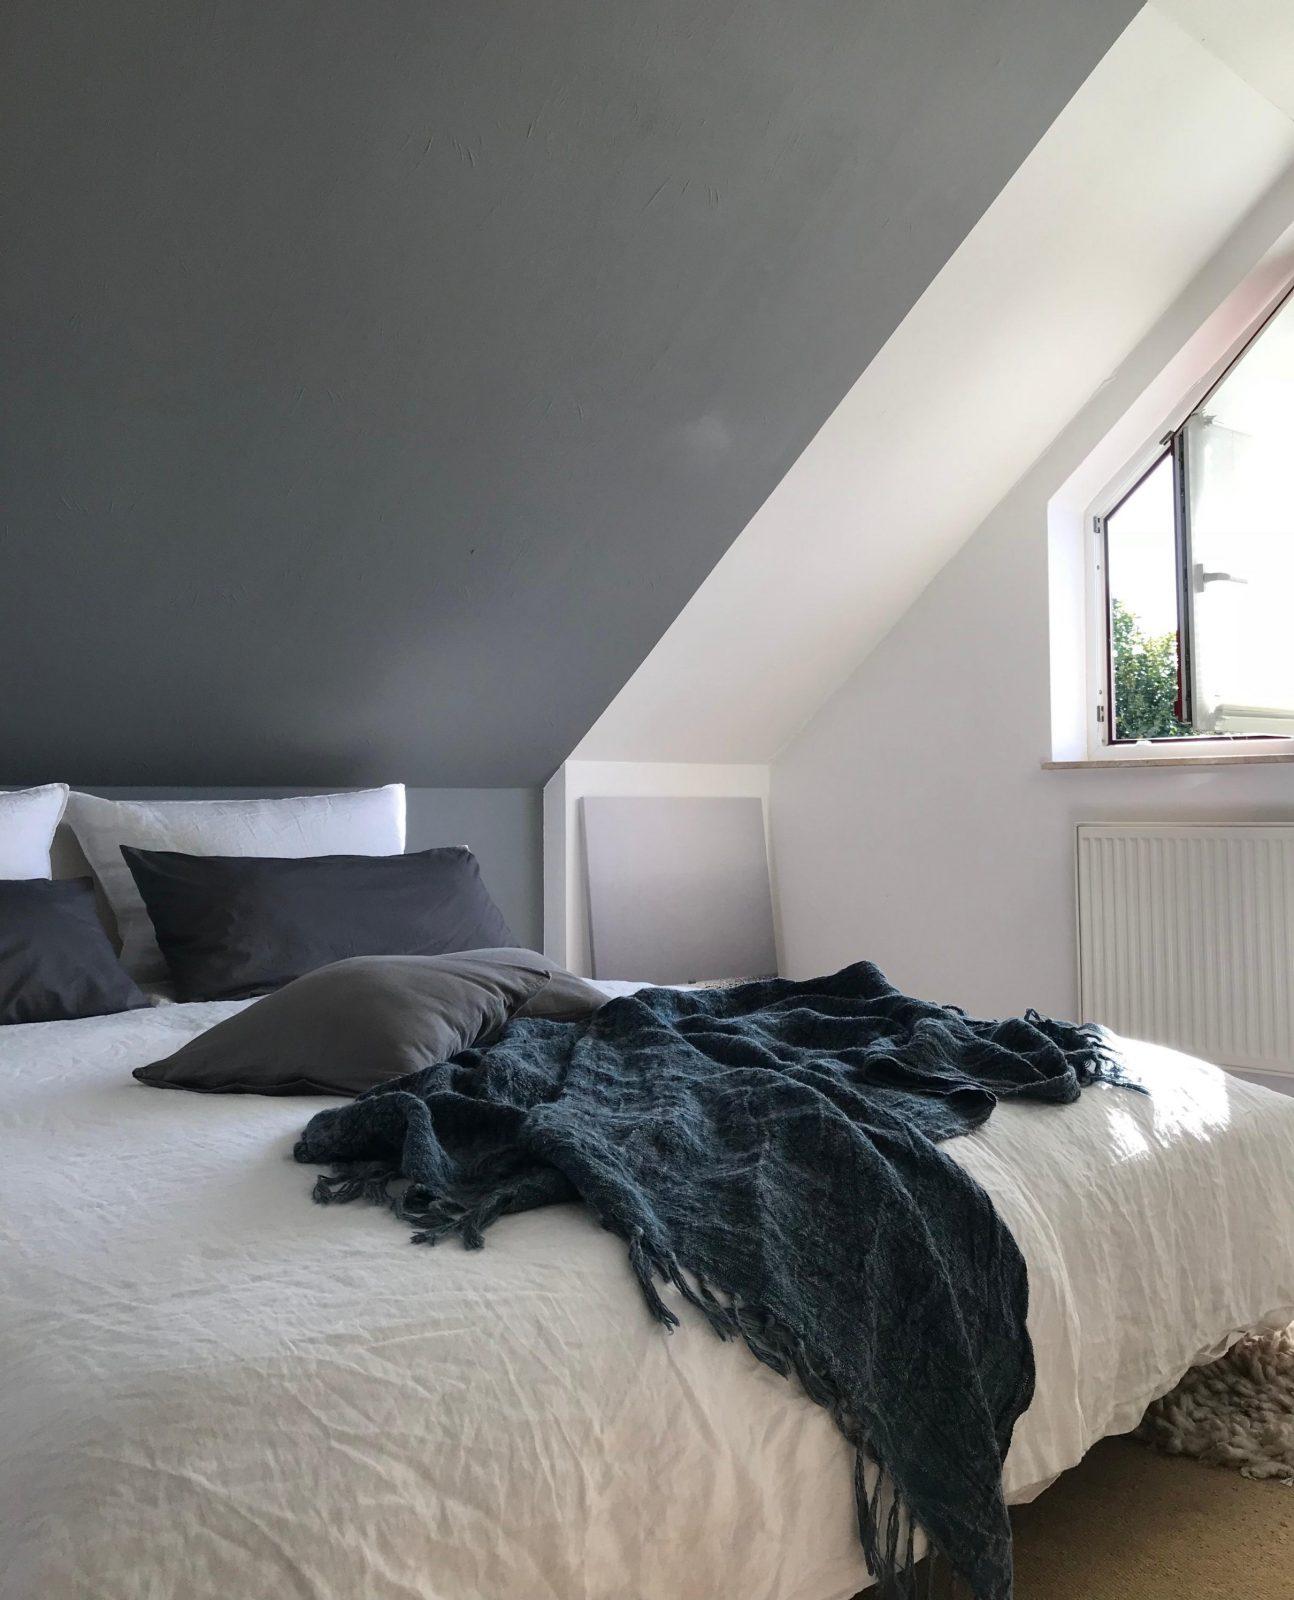 Dachschrägen Platz Optimal Ausnutzen So Geht's von Bilder An Schrägen Wänden Photo